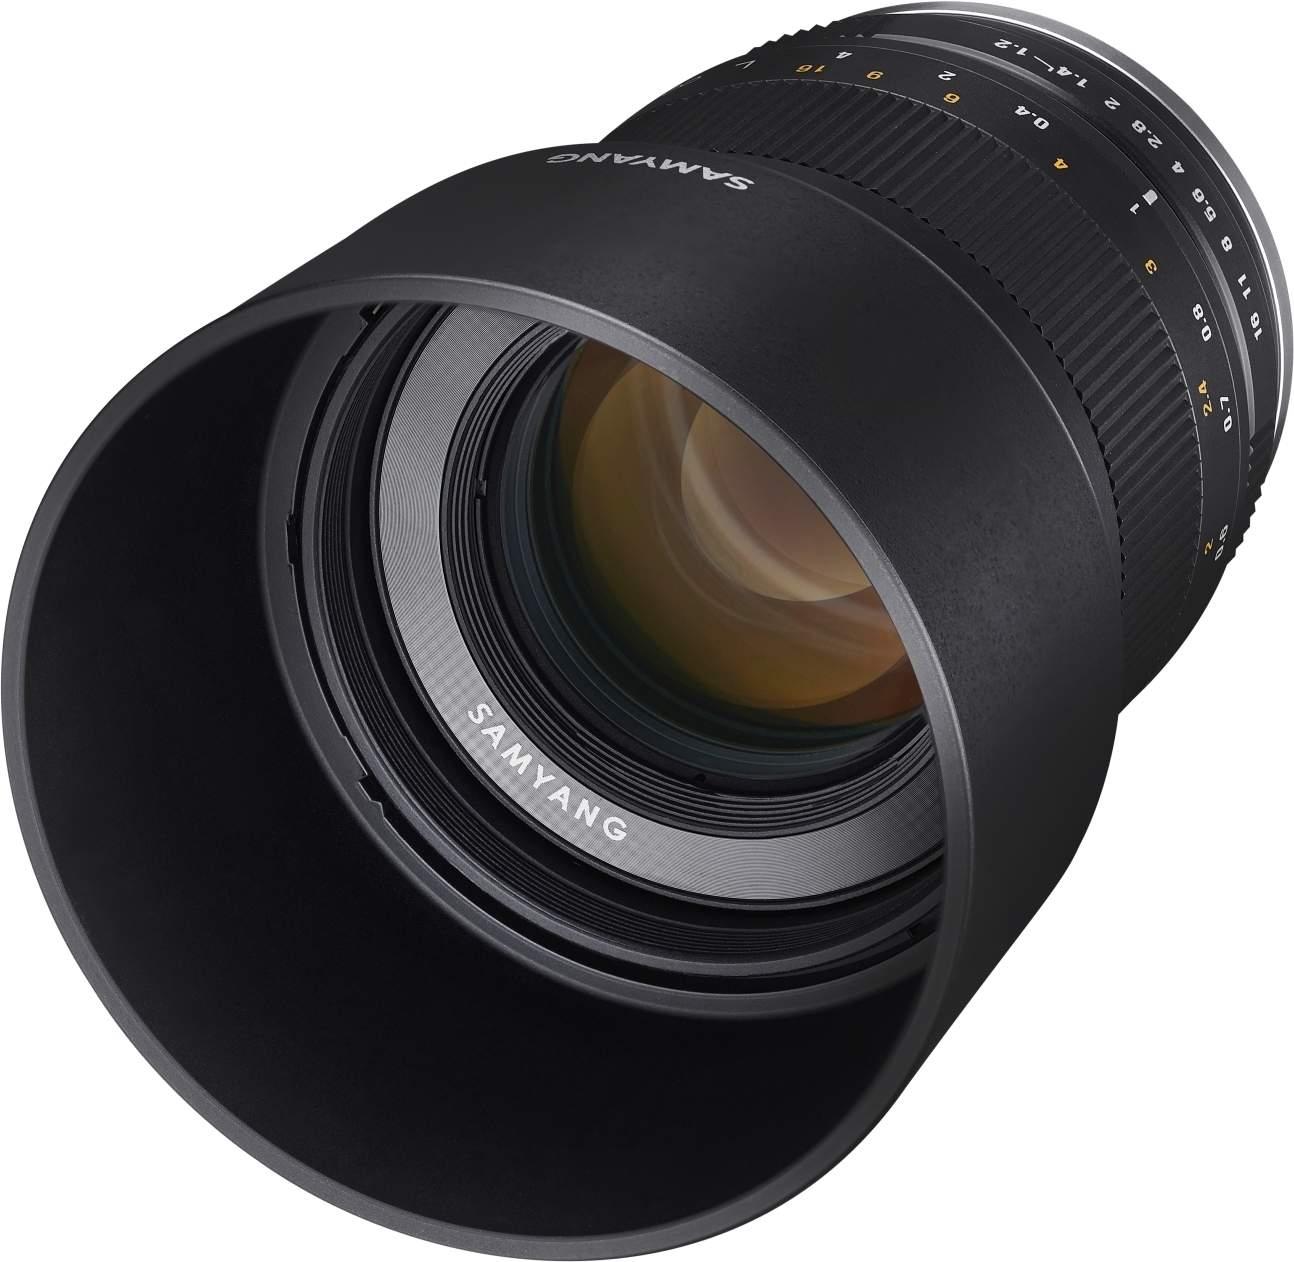 Samyang 50mm F1.2 UMC II Sony E Full Frame Camera Lens main image